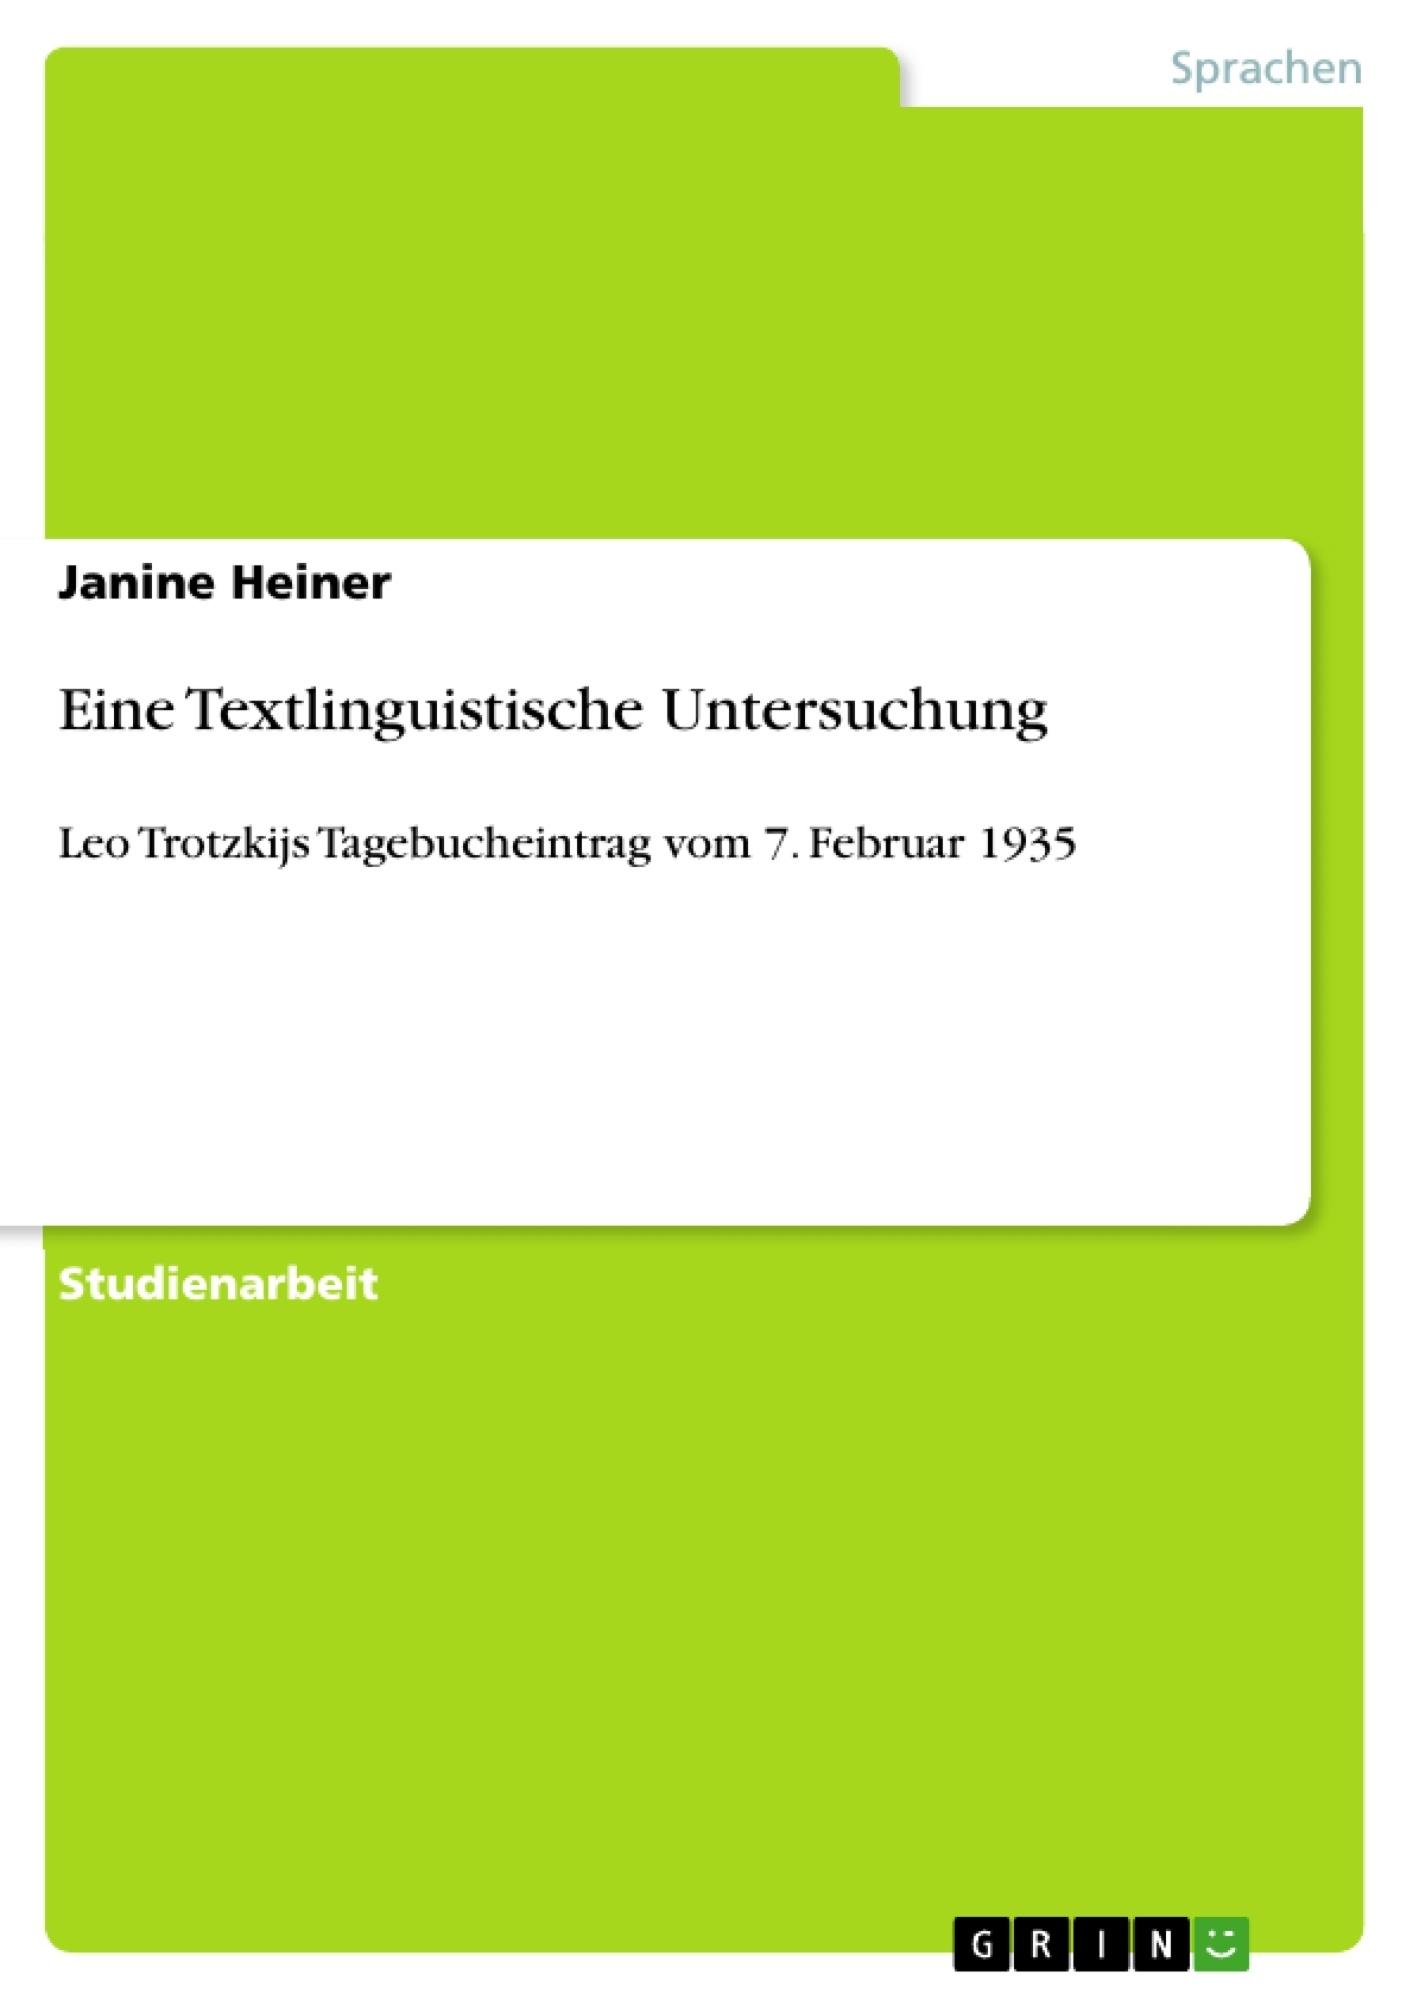 Titel: Eine Textlinguistische Untersuchung